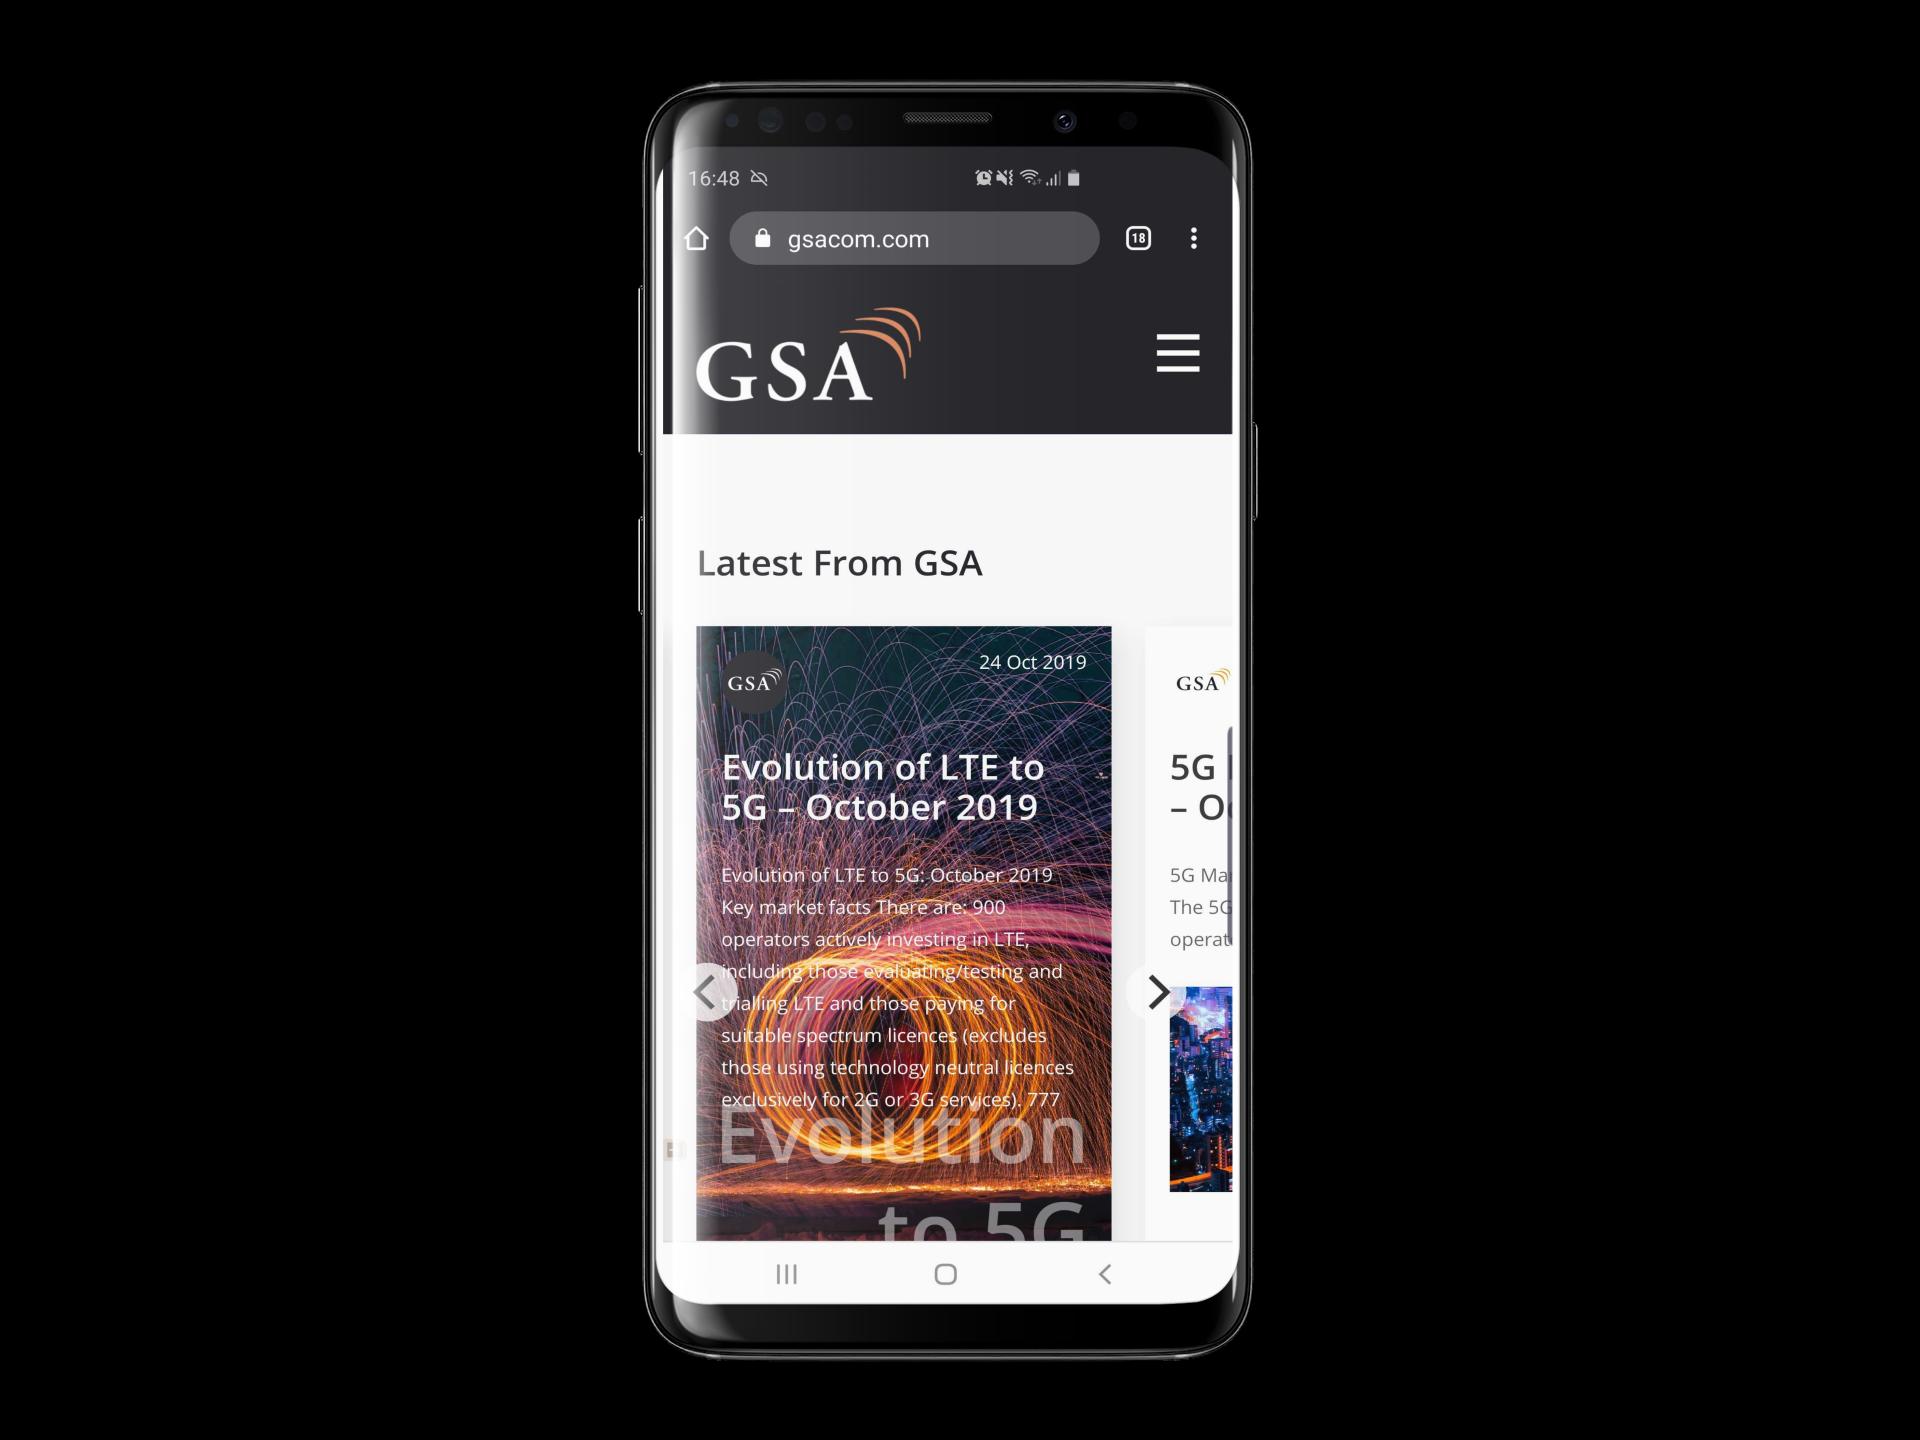 GSAcom website